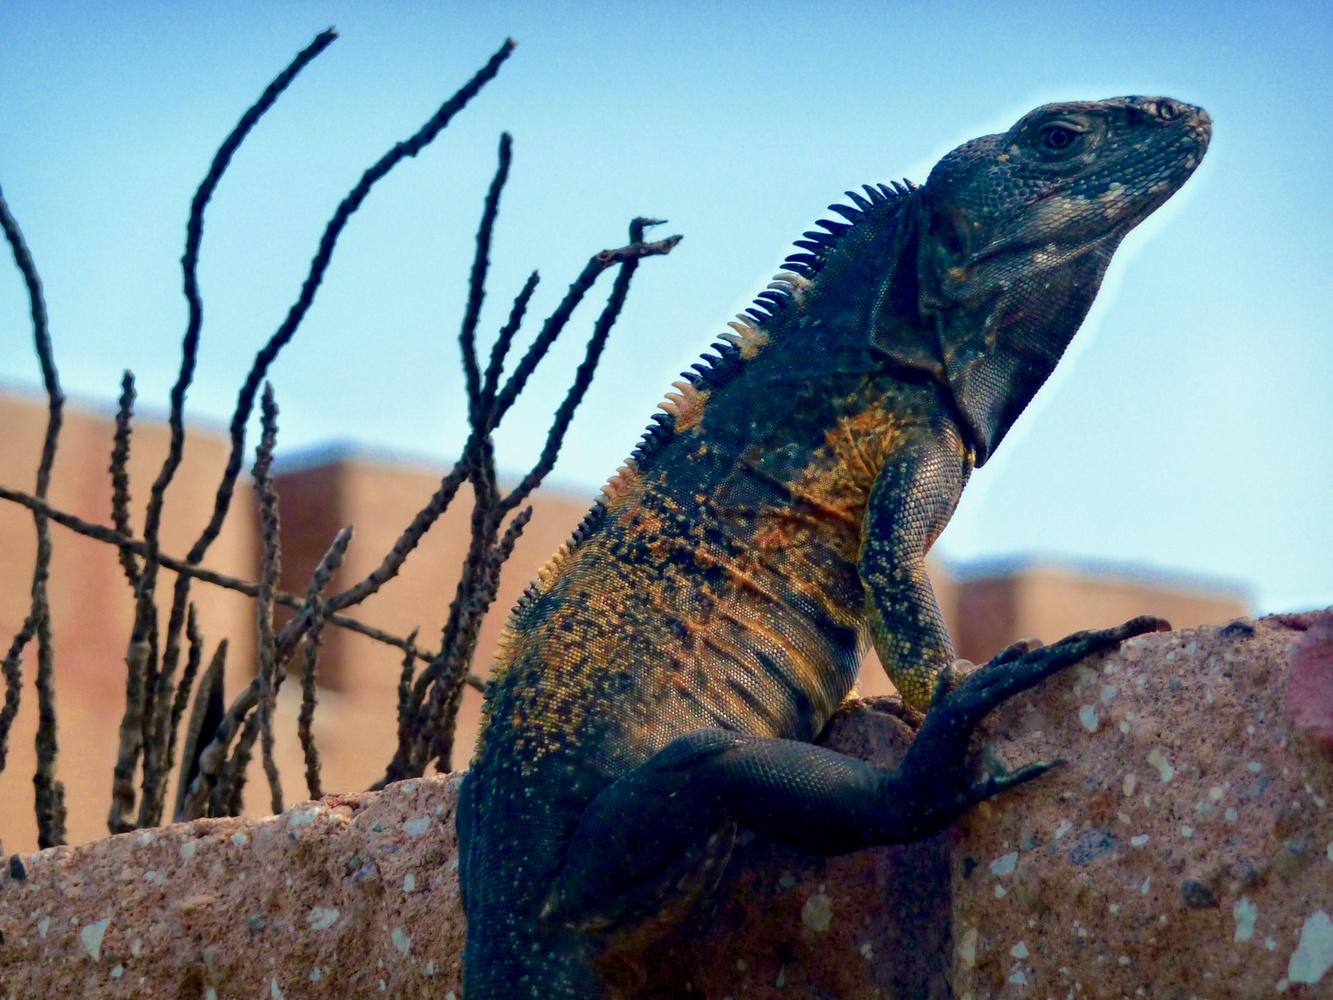 Iguana by Devon Crull